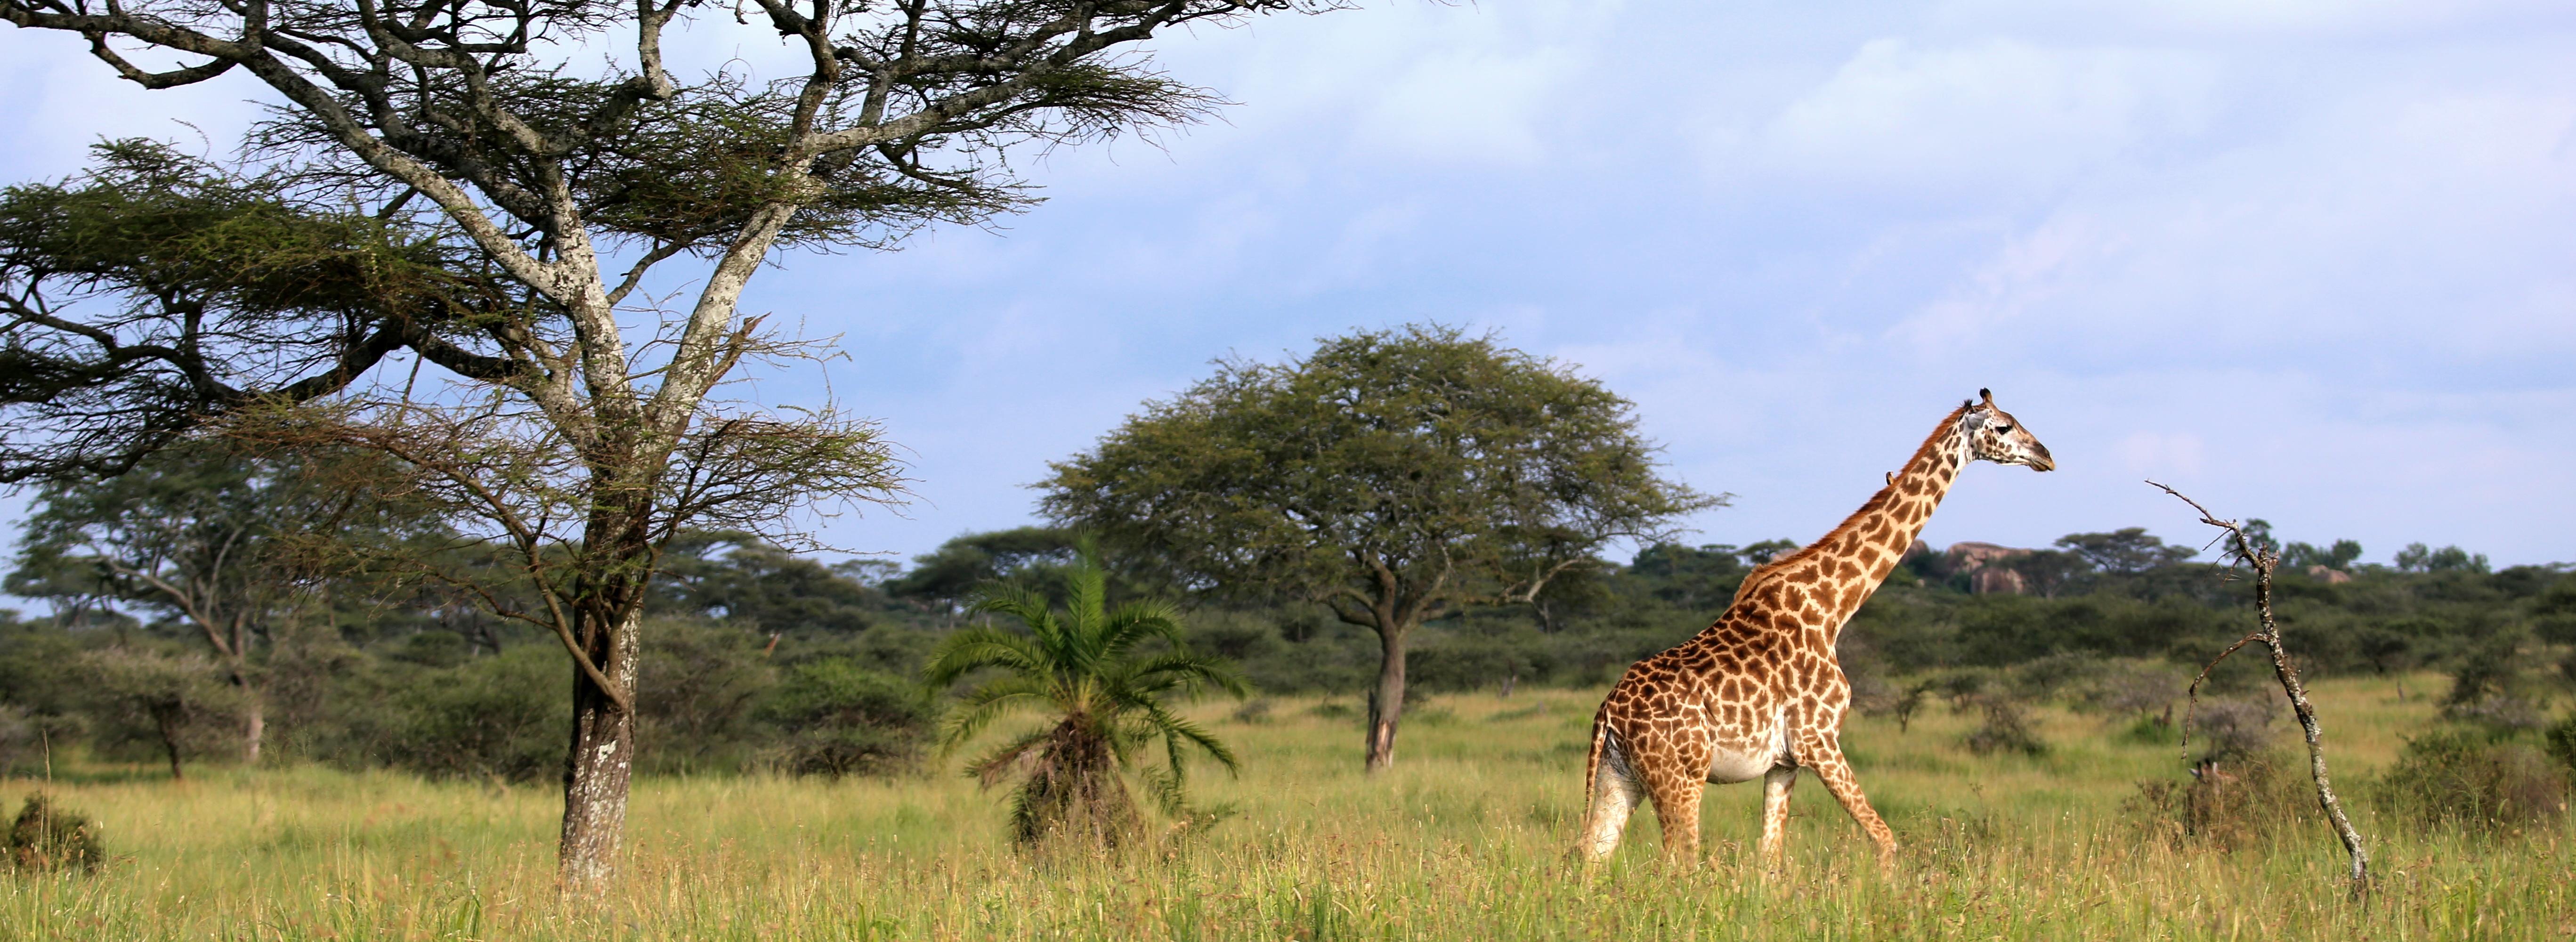 Serengeti NP